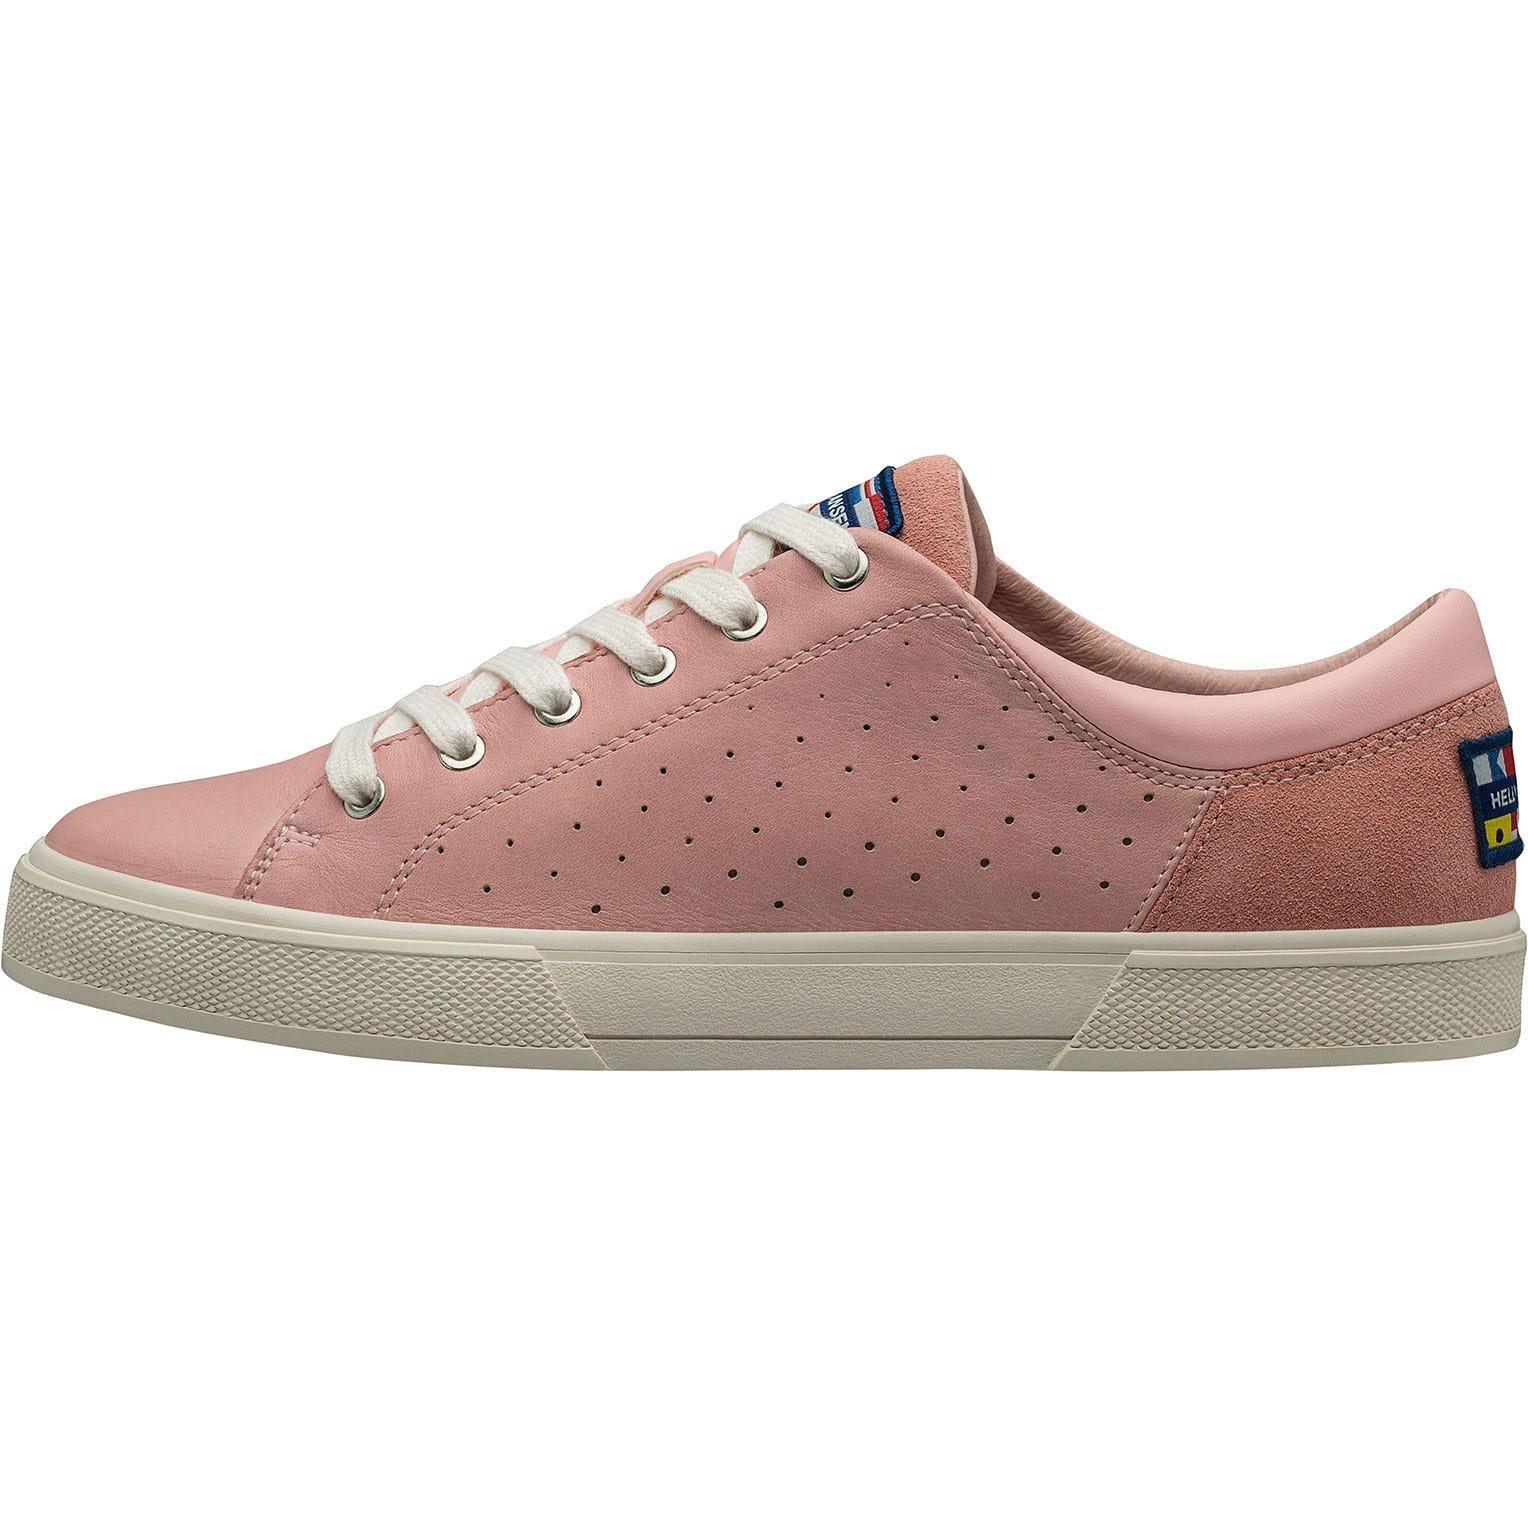 Helly Hansen W Copenhagen Leather Shoe Womens Casual Pink 37.5/6.5